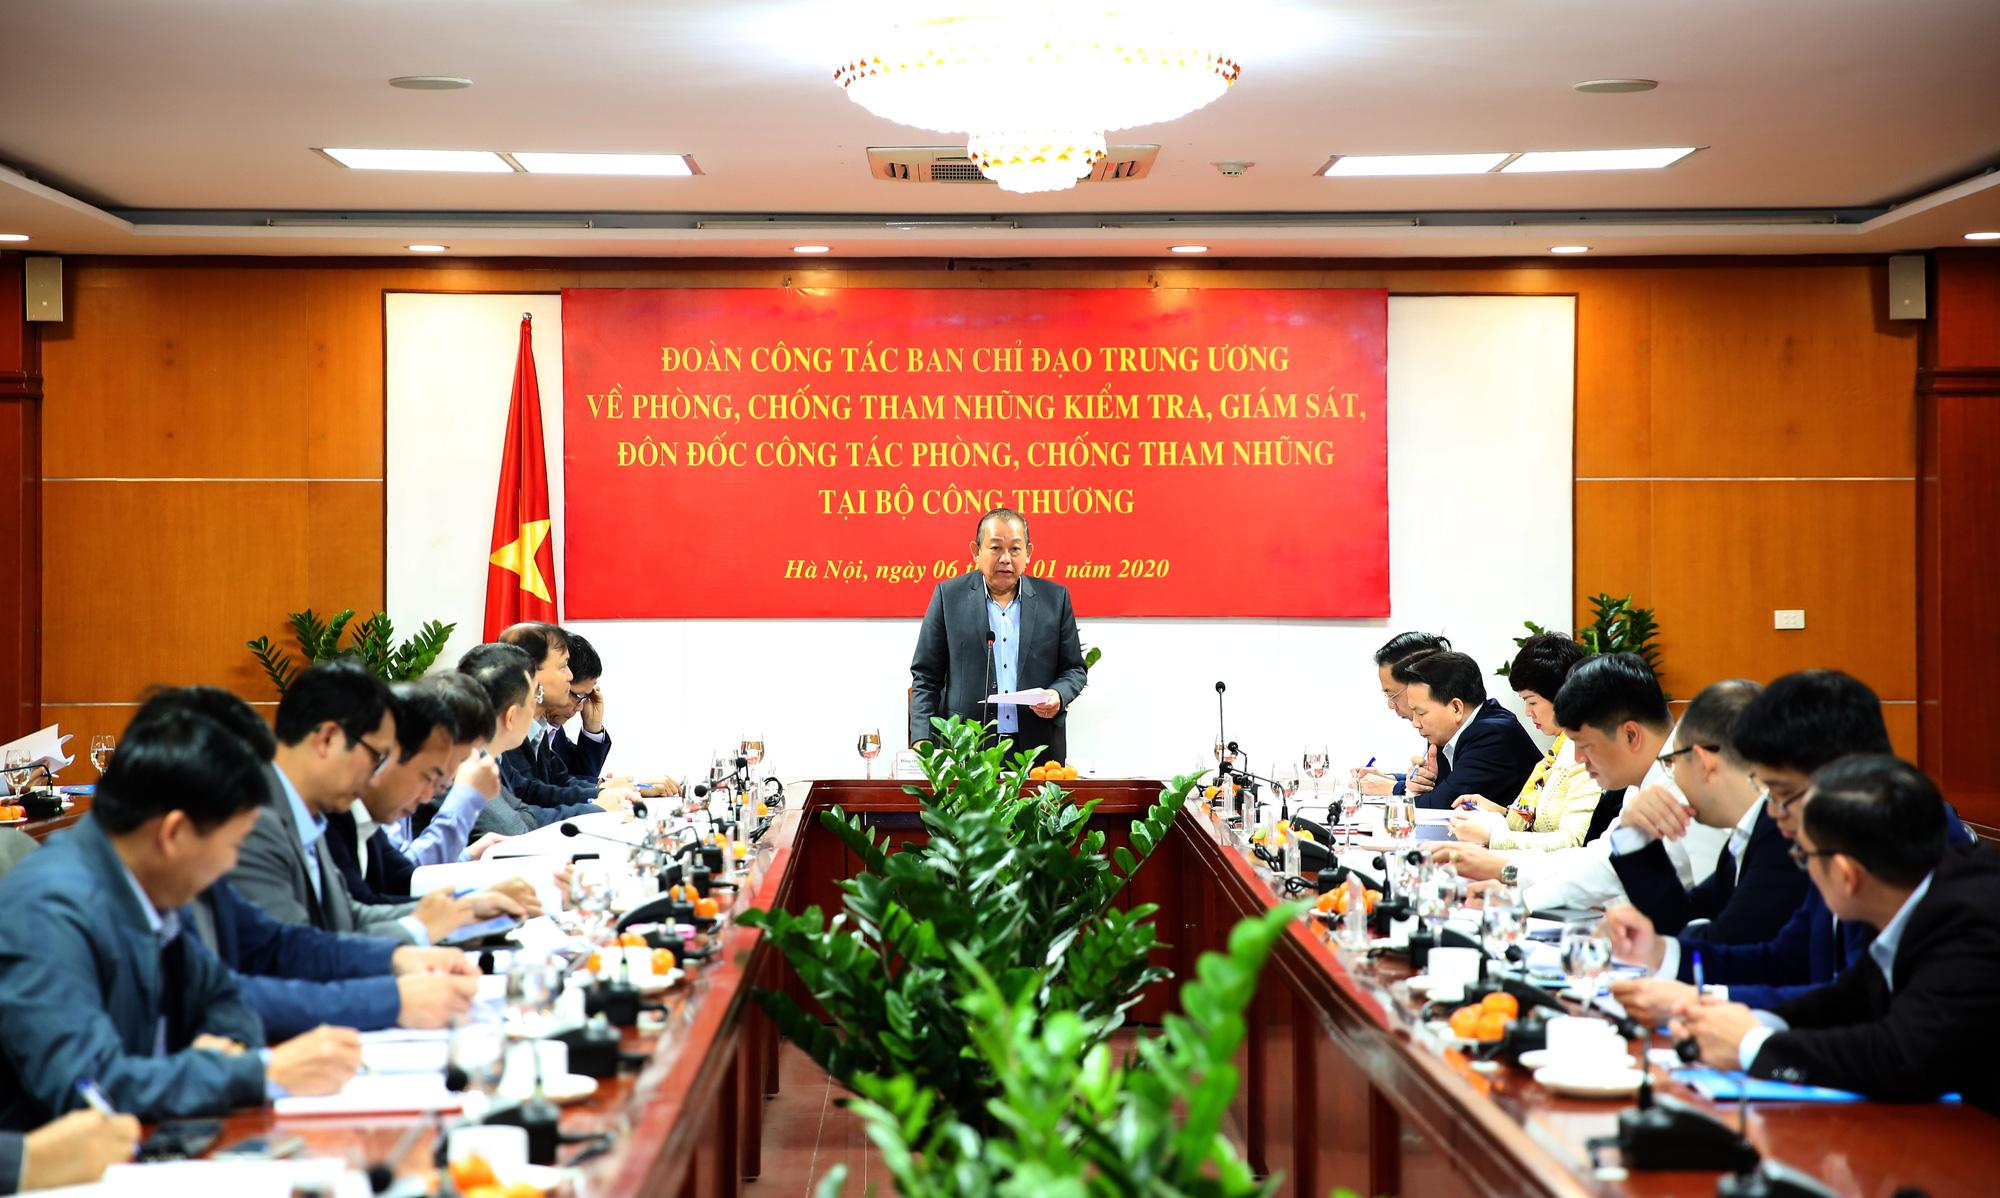 Phó Thủ tướng Thường trực Trương Hòa Bình kiểm tra công tác phòng chống tham nhũng tại Ban Cán sự Đảng Bộ Công Thương - Ảnh 1.